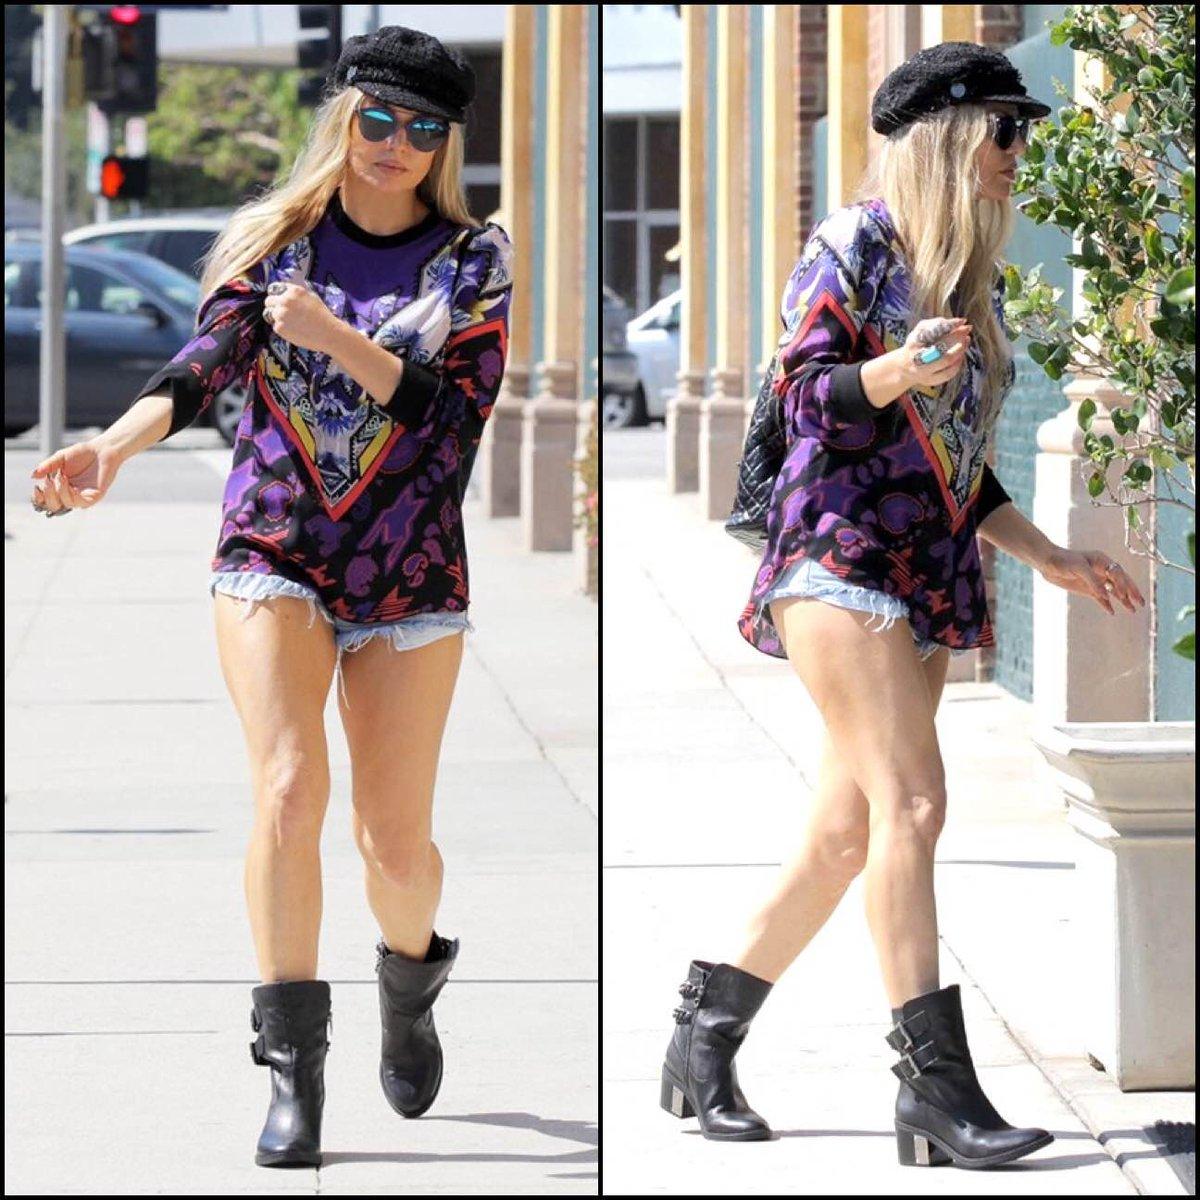 RT @FergieFootwear: 8/18 @Fergie wearing WISTFUL #boots going 2 to a #recordingstudio in #SantaMonica. #blackboots http://t.co/hFQT90zRrR h…